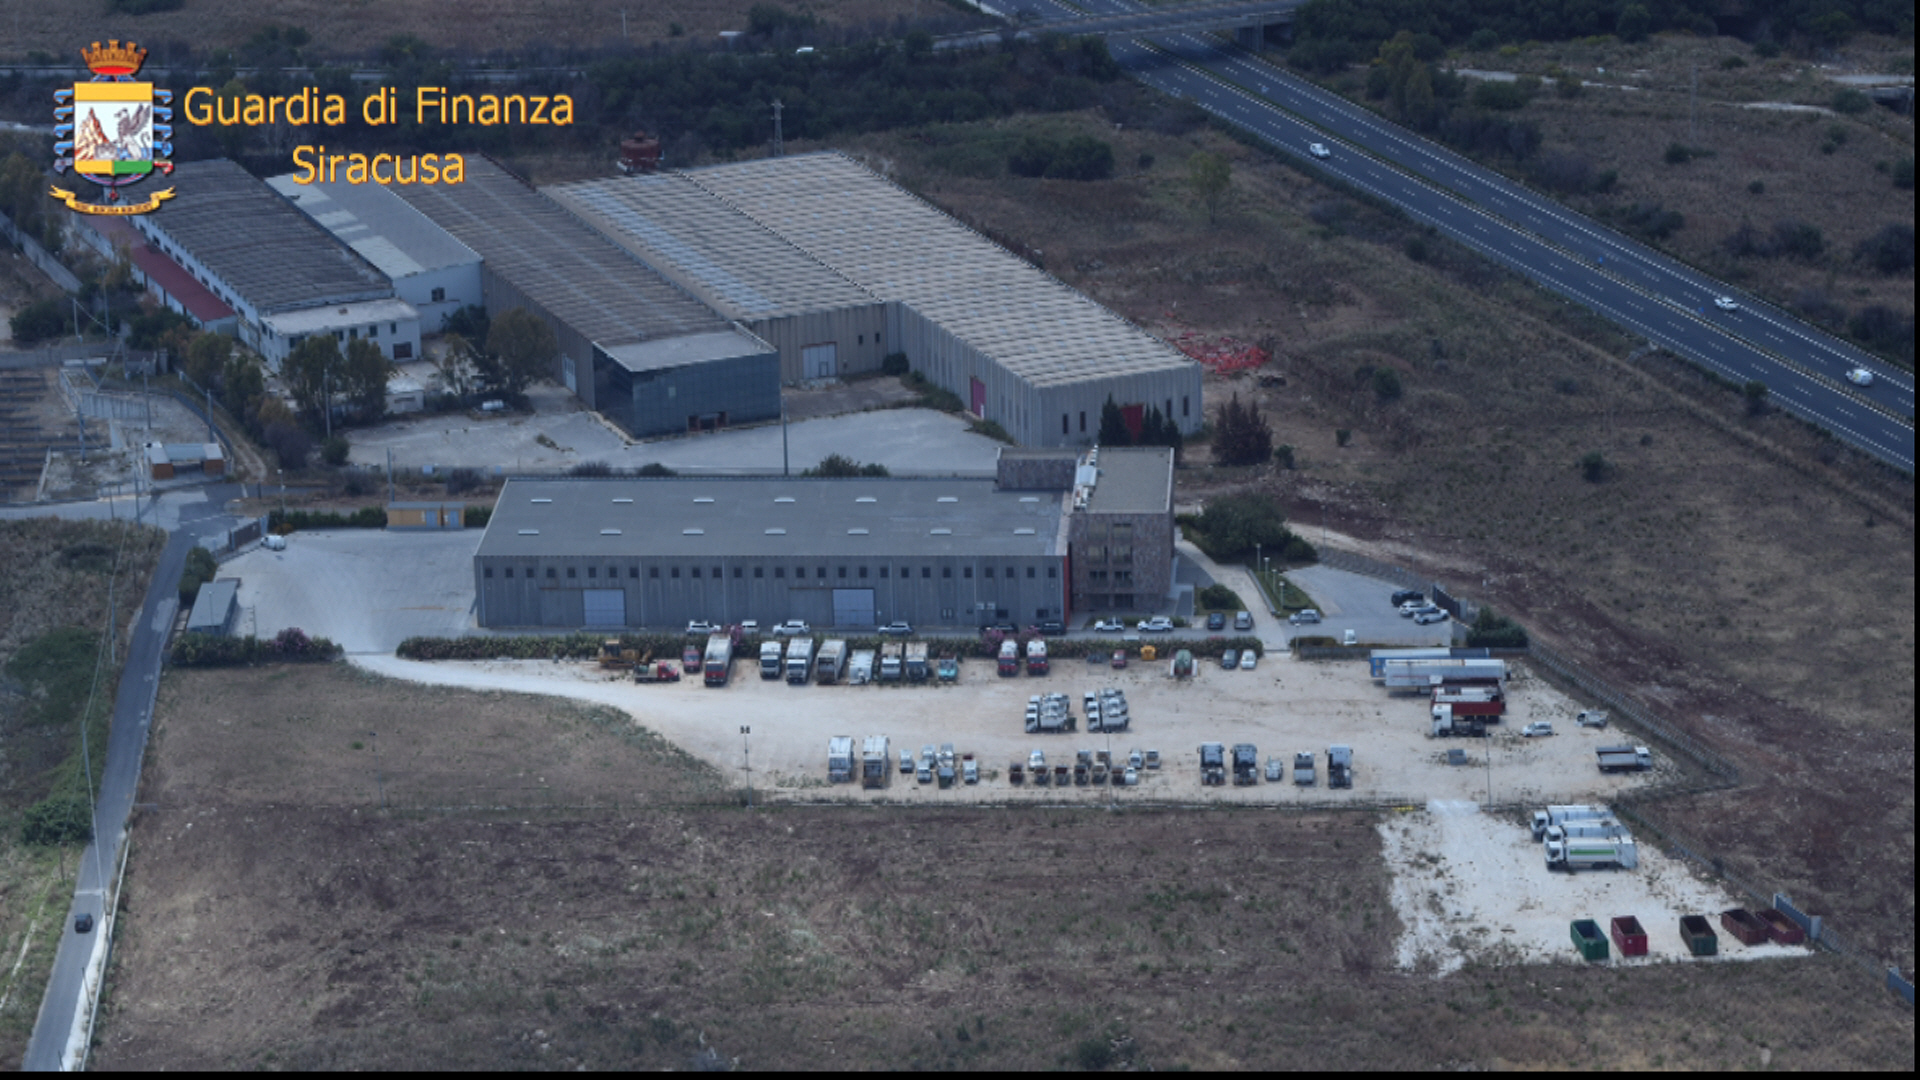 Operazione 'Gold Trash', scoperta rete di società per frodare lo Stato: arresti e sequestri